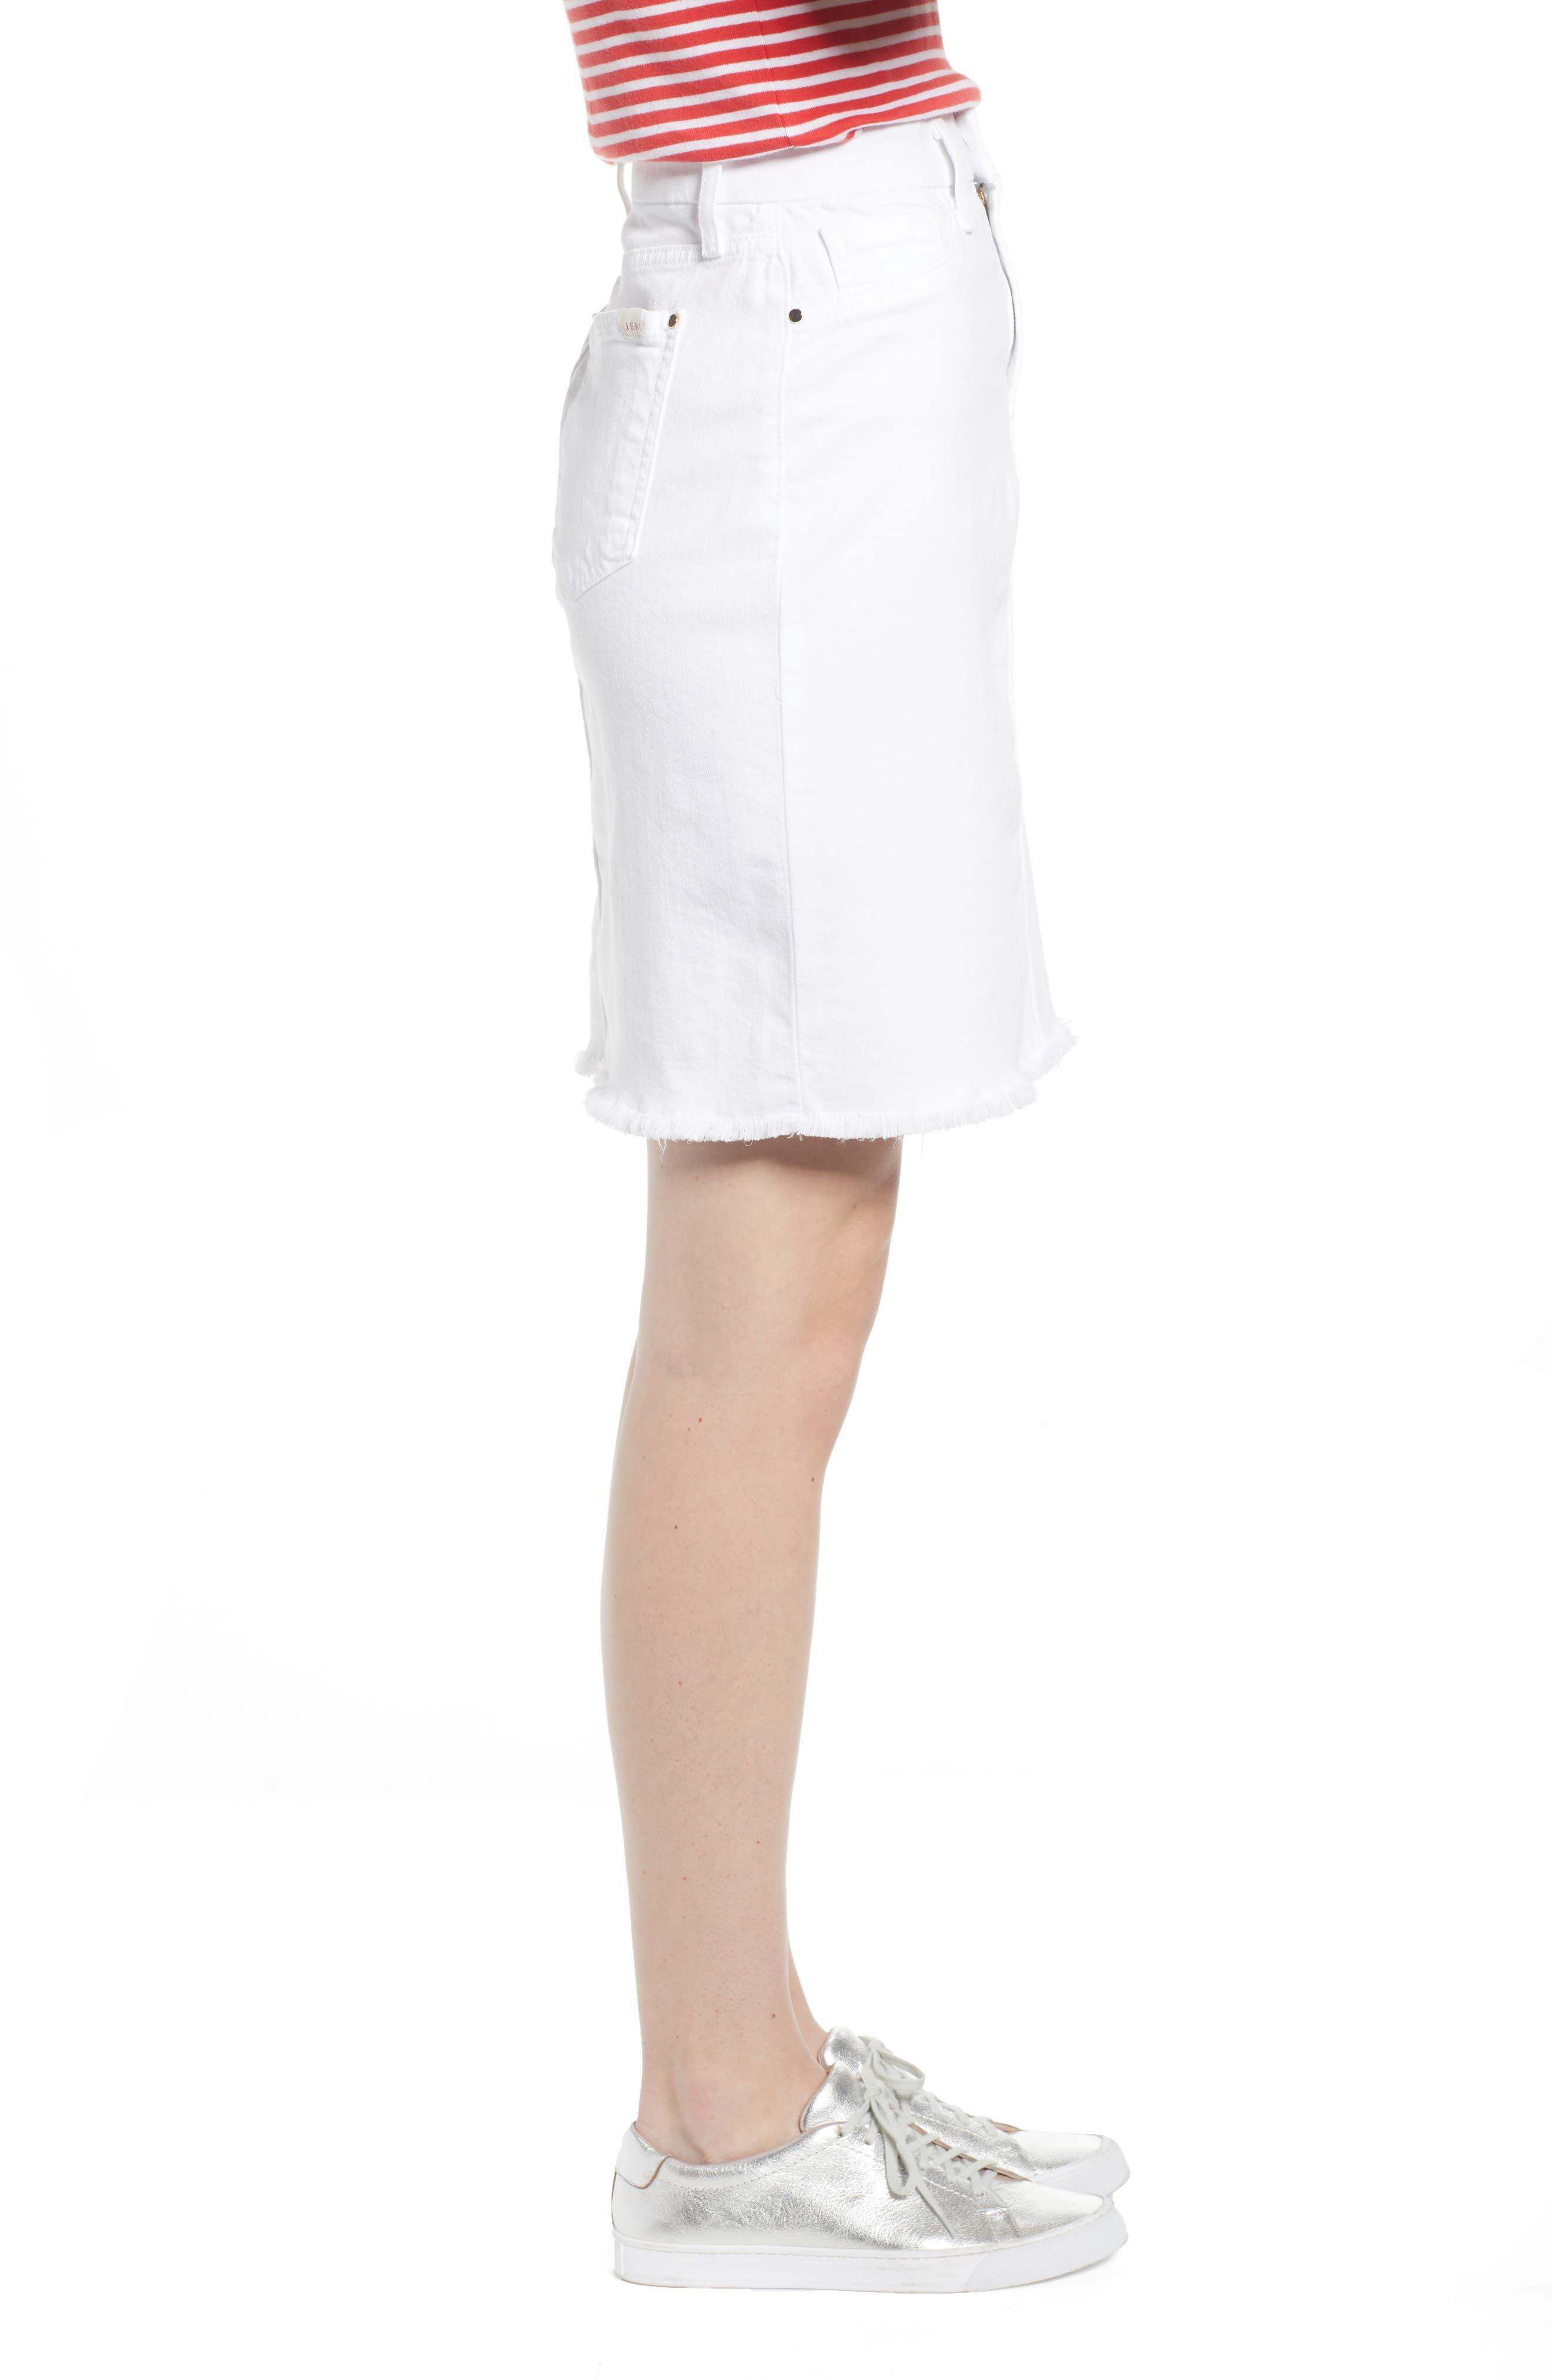 JEN7 BY 7 FOR ALL MANKIND, Frayed Hem Denim Pencil Skirt, Alternate thumbnail 4, color, WHITE